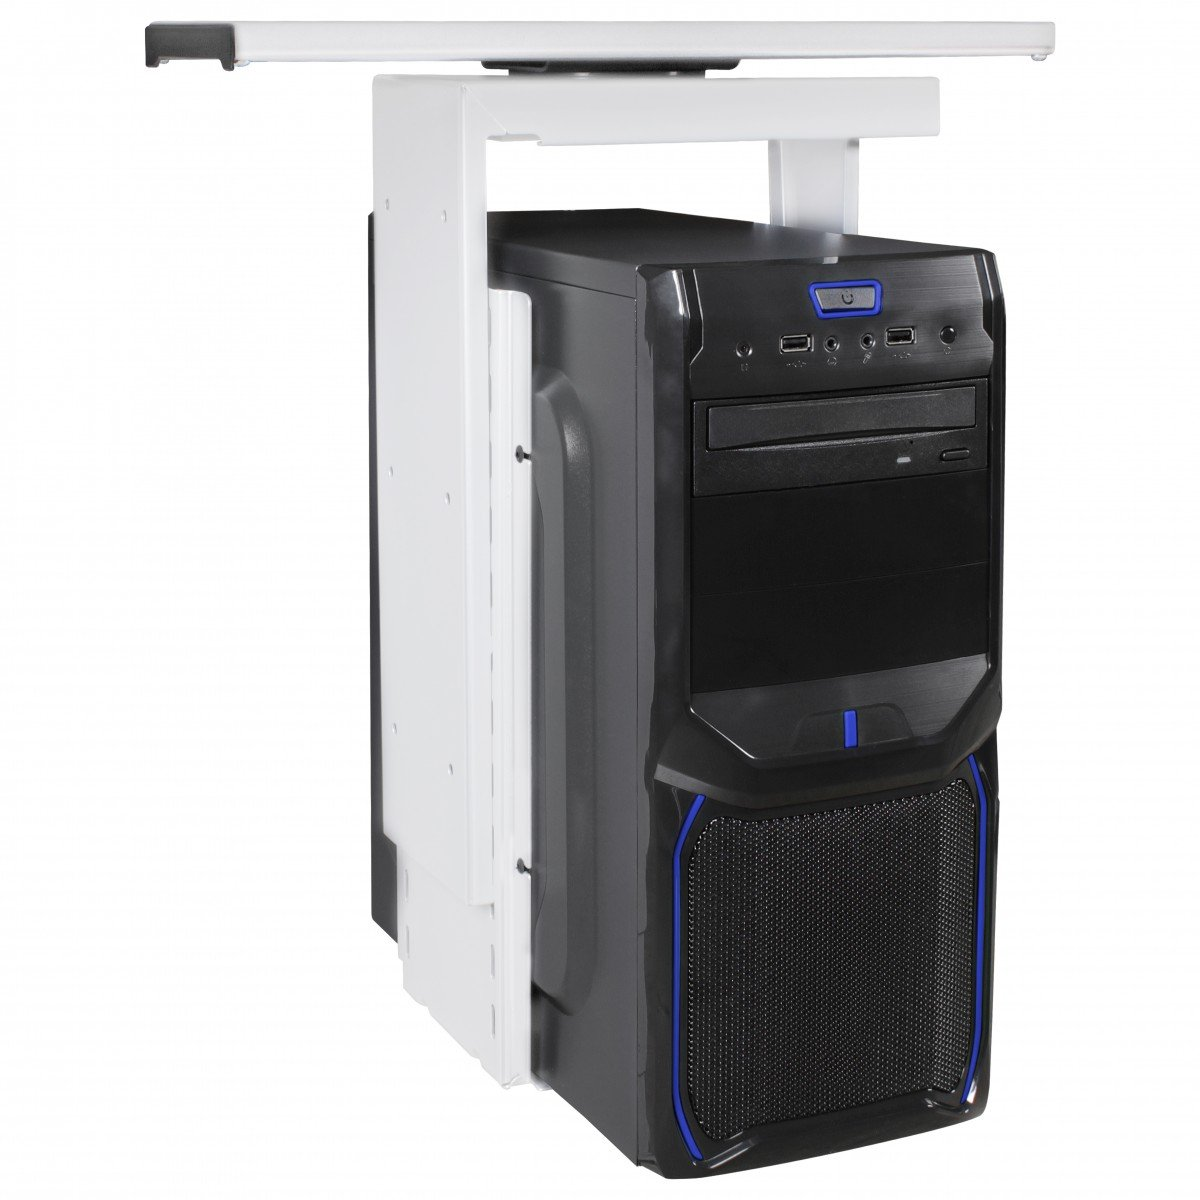 FineBuy PC-Halter 360° drehbar Universal Computerhalterung aus Metall 46-68 cm   Tischhalterung mit Auszugsystem   Untertisch Befestigung höhenverstellbar